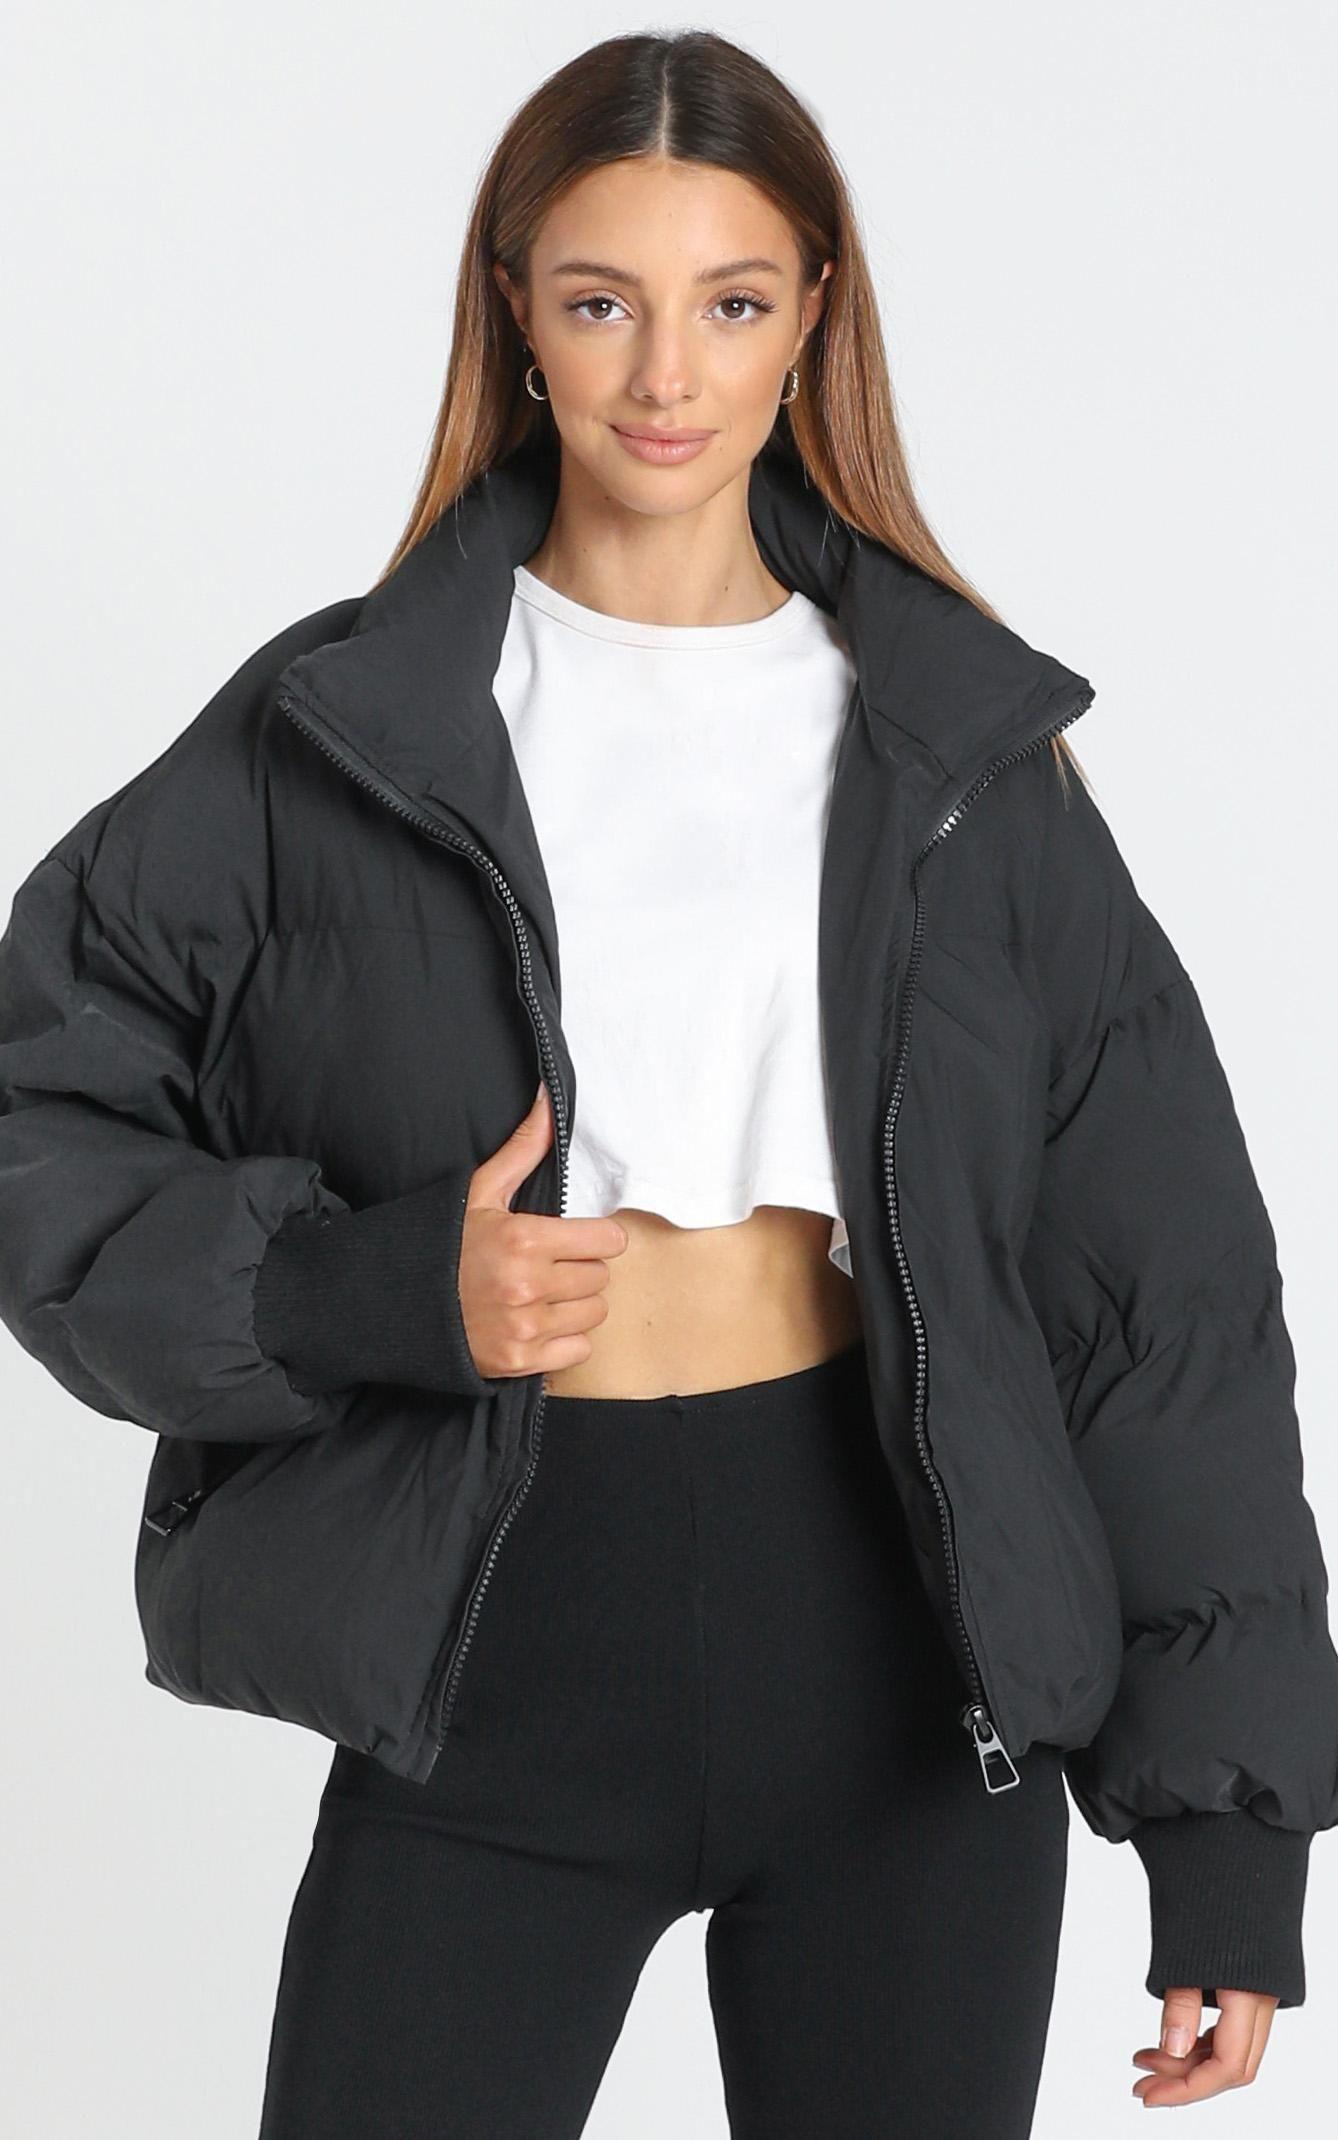 Windsor Puffer Jacket In Black Showpo In 2021 Jackets Fashion Puffer Jackets [ 2140 x 1338 Pixel ]